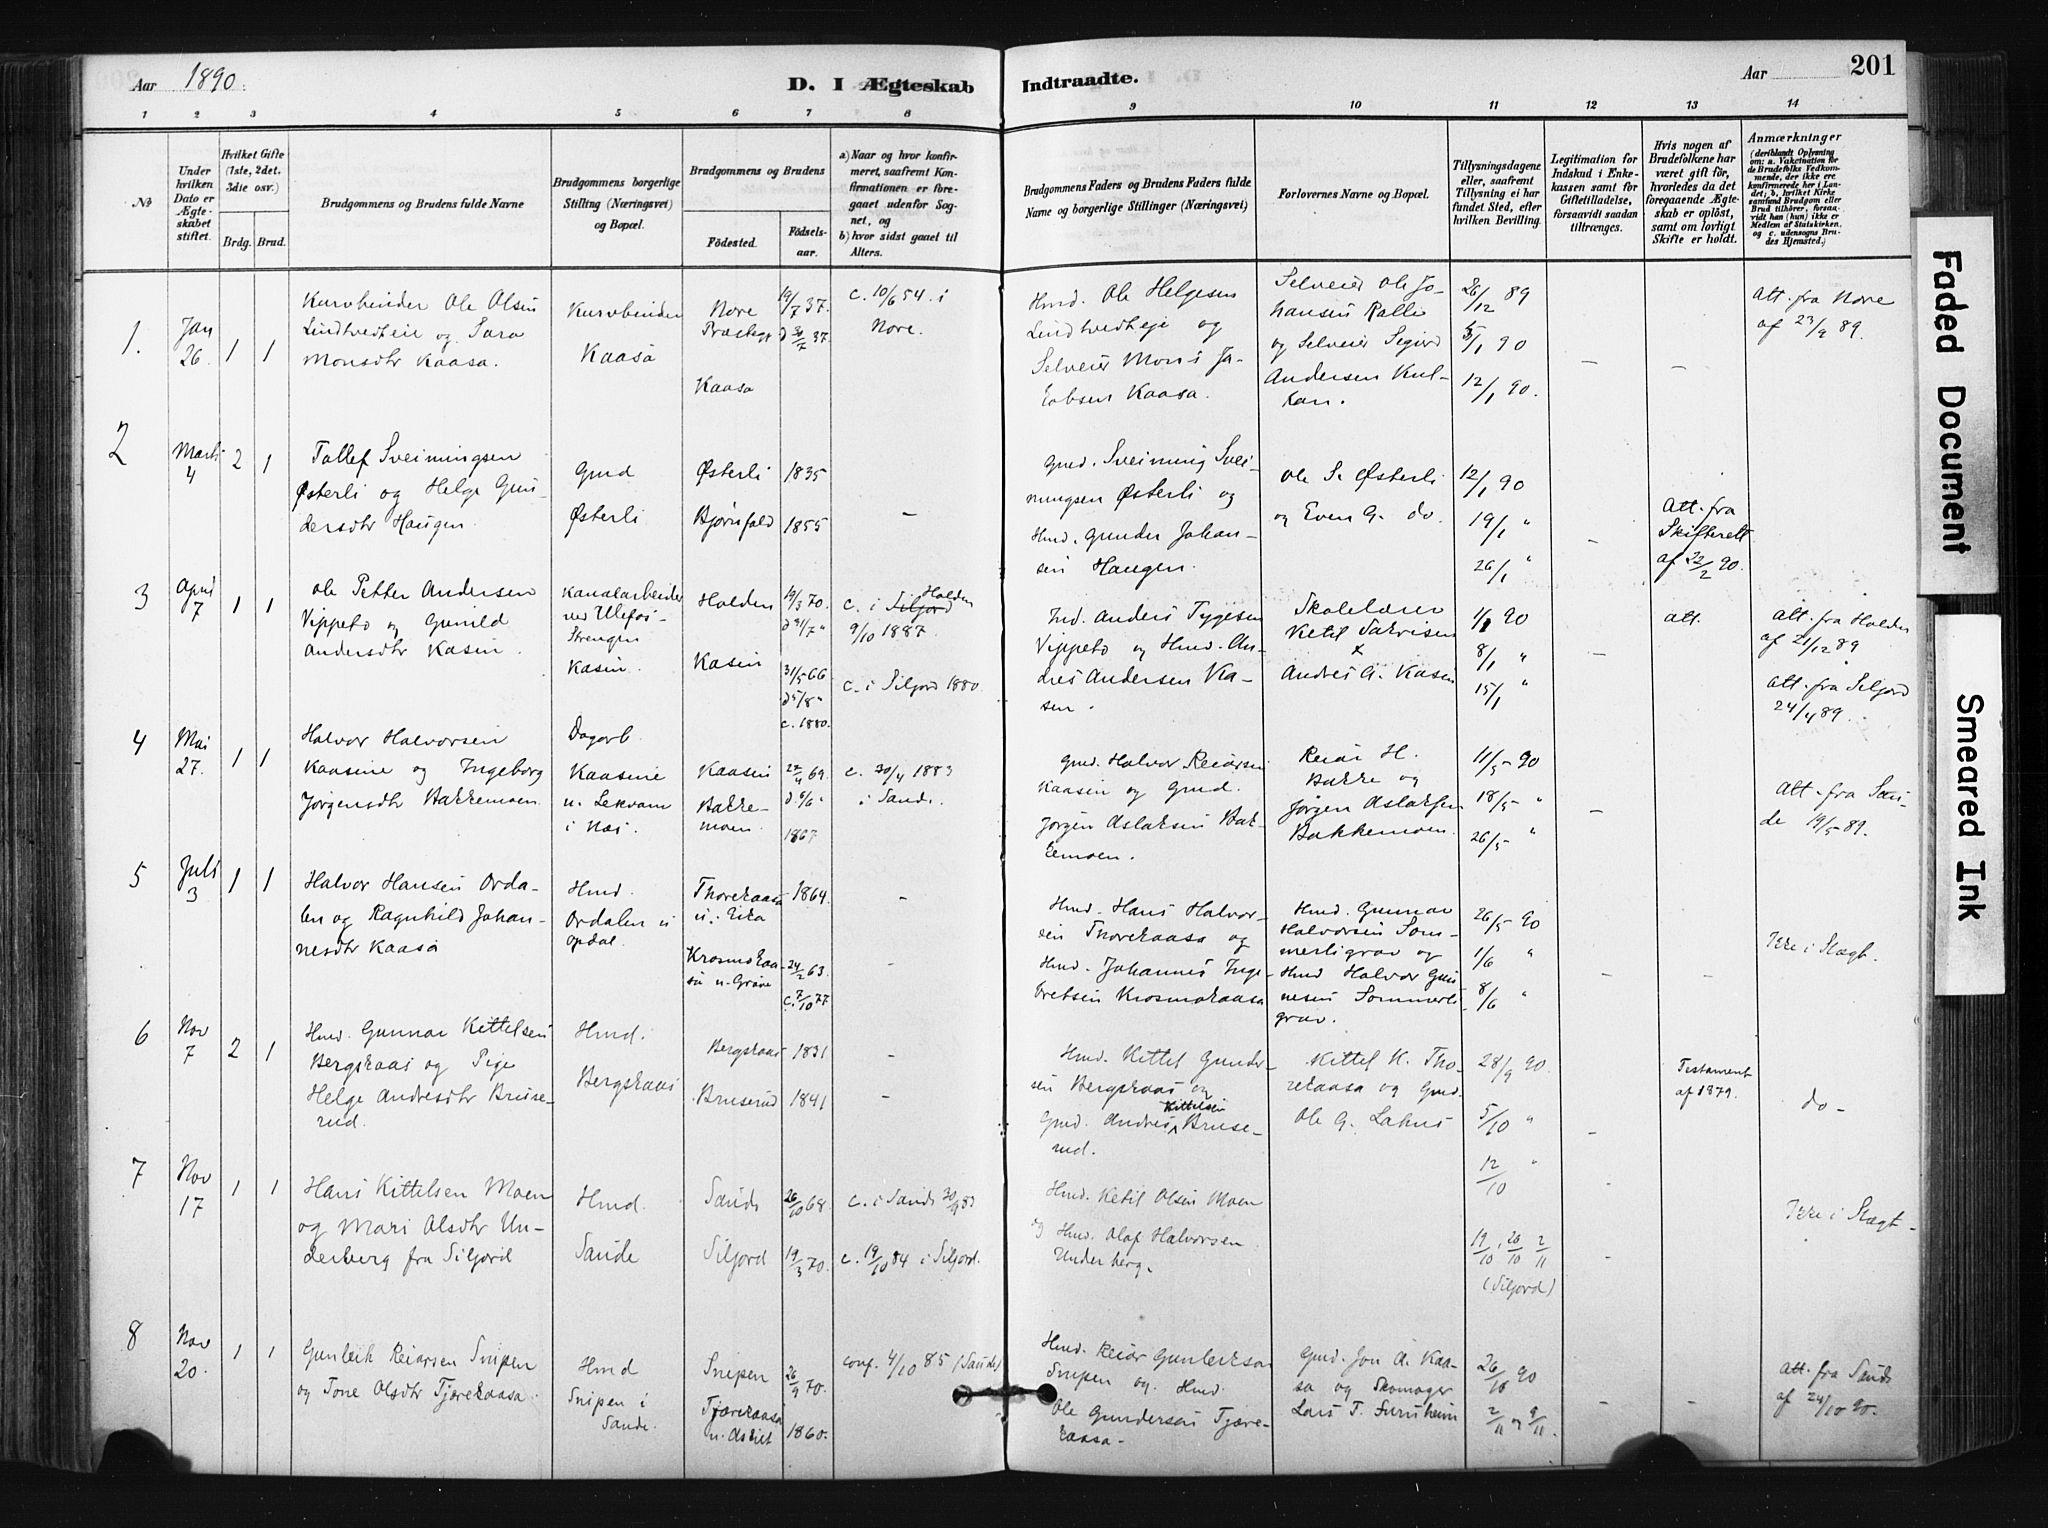 SAKO, Bø kirkebøker, F/Fa/L0010: Ministerialbok nr. 10, 1880-1892, s. 201